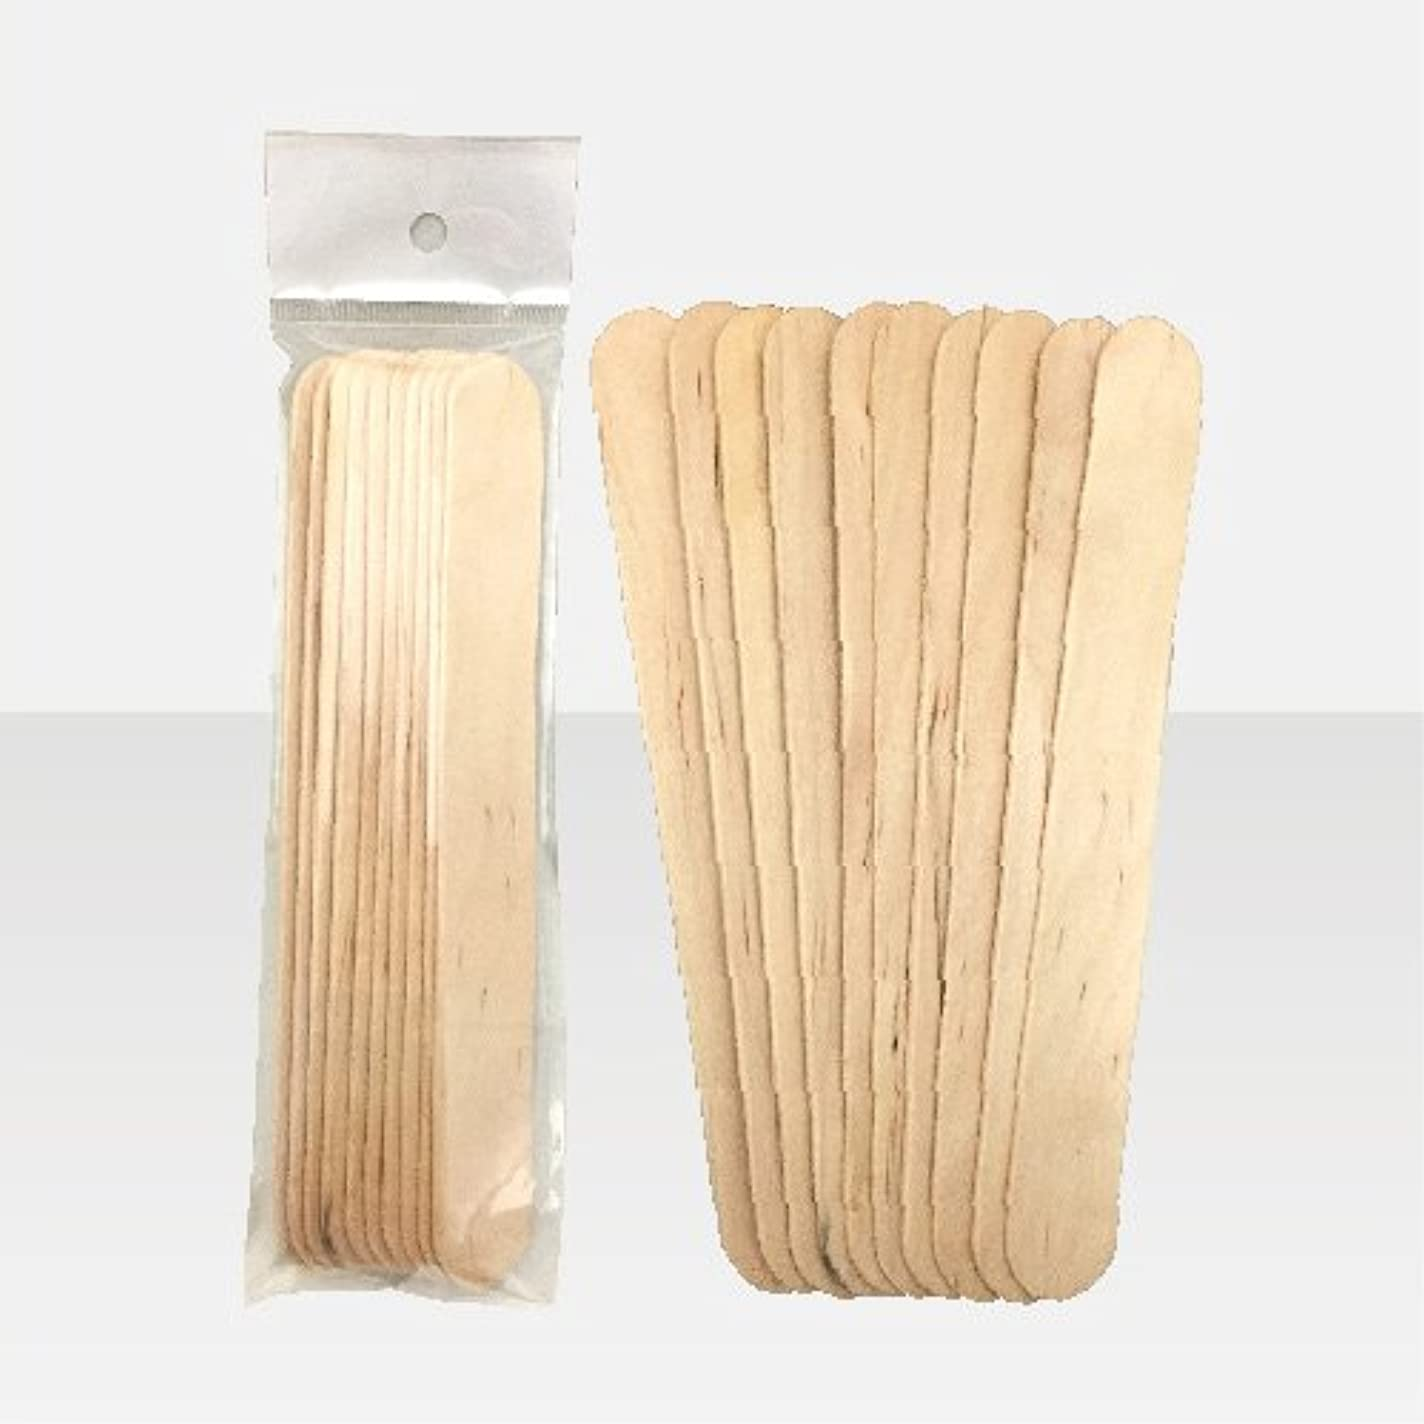 ペネロペお祝いマイクロプロセッサブラジリアンワックス 脱毛ワックス用  ワックススパチュラ 木ベラ /10本セット Mサイズ